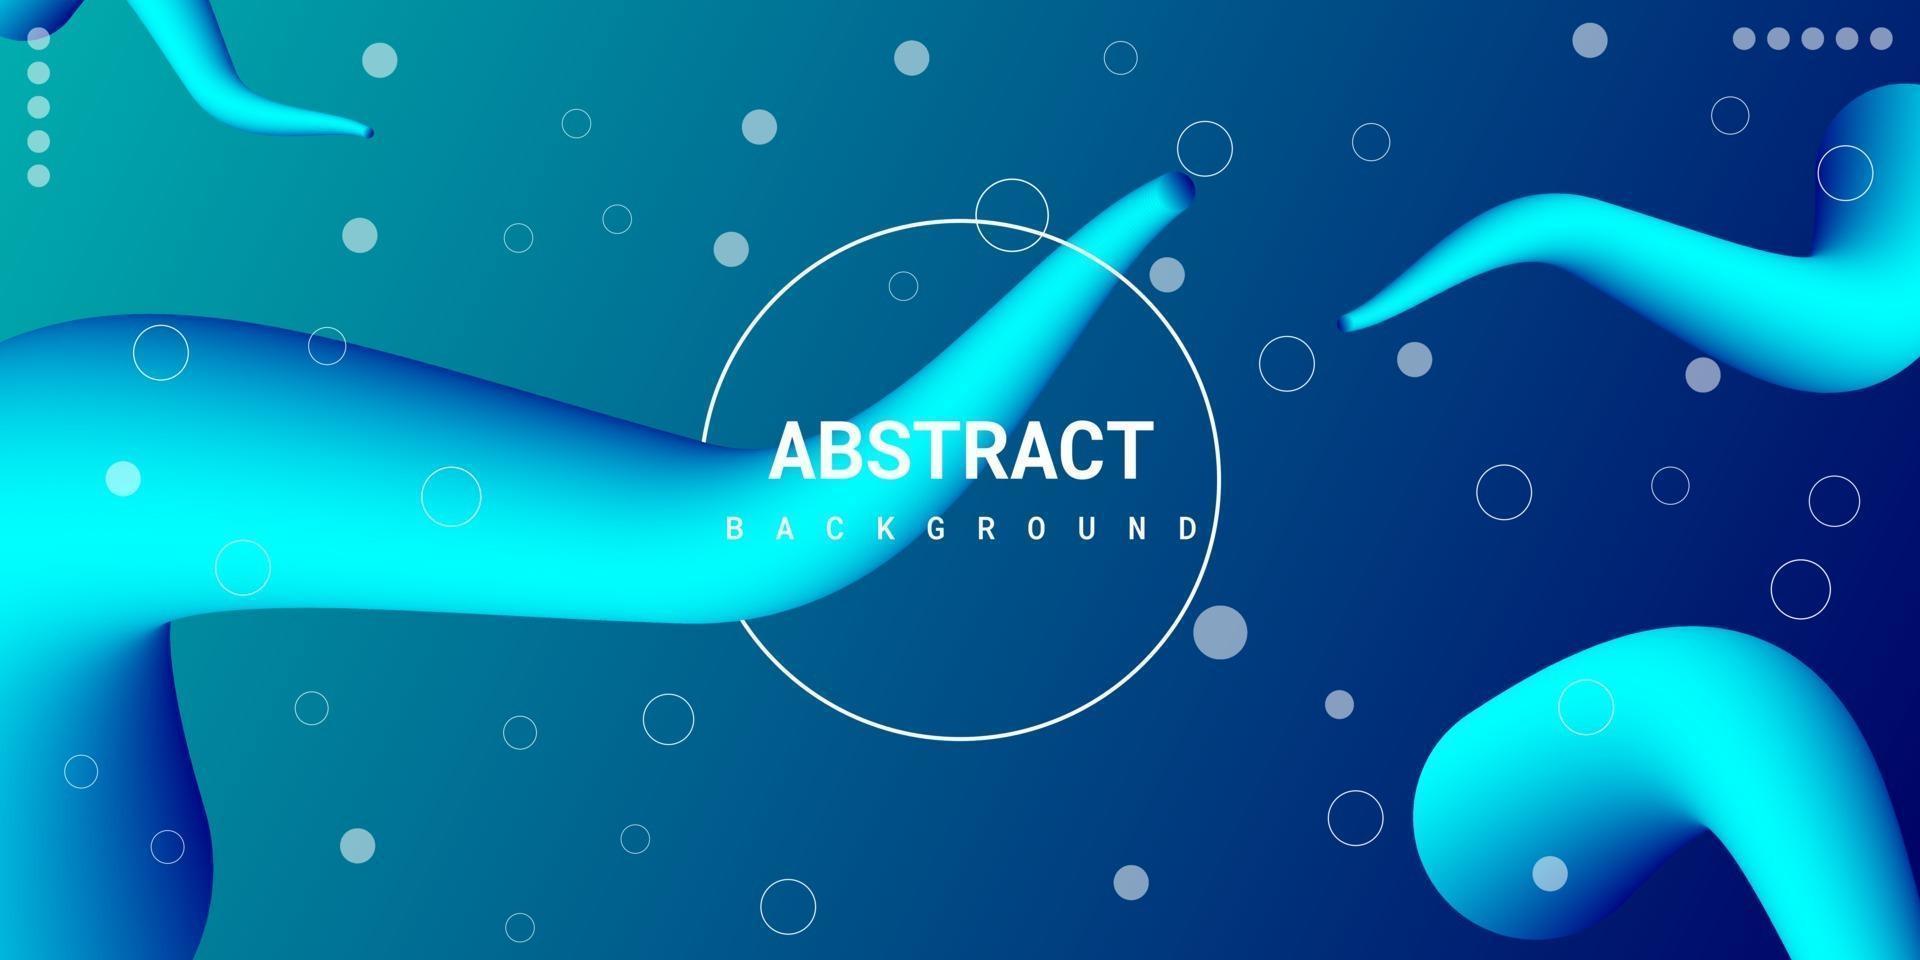 moderne abstracte vloeibare 3d achtergrond met blauw kleurverloop vector